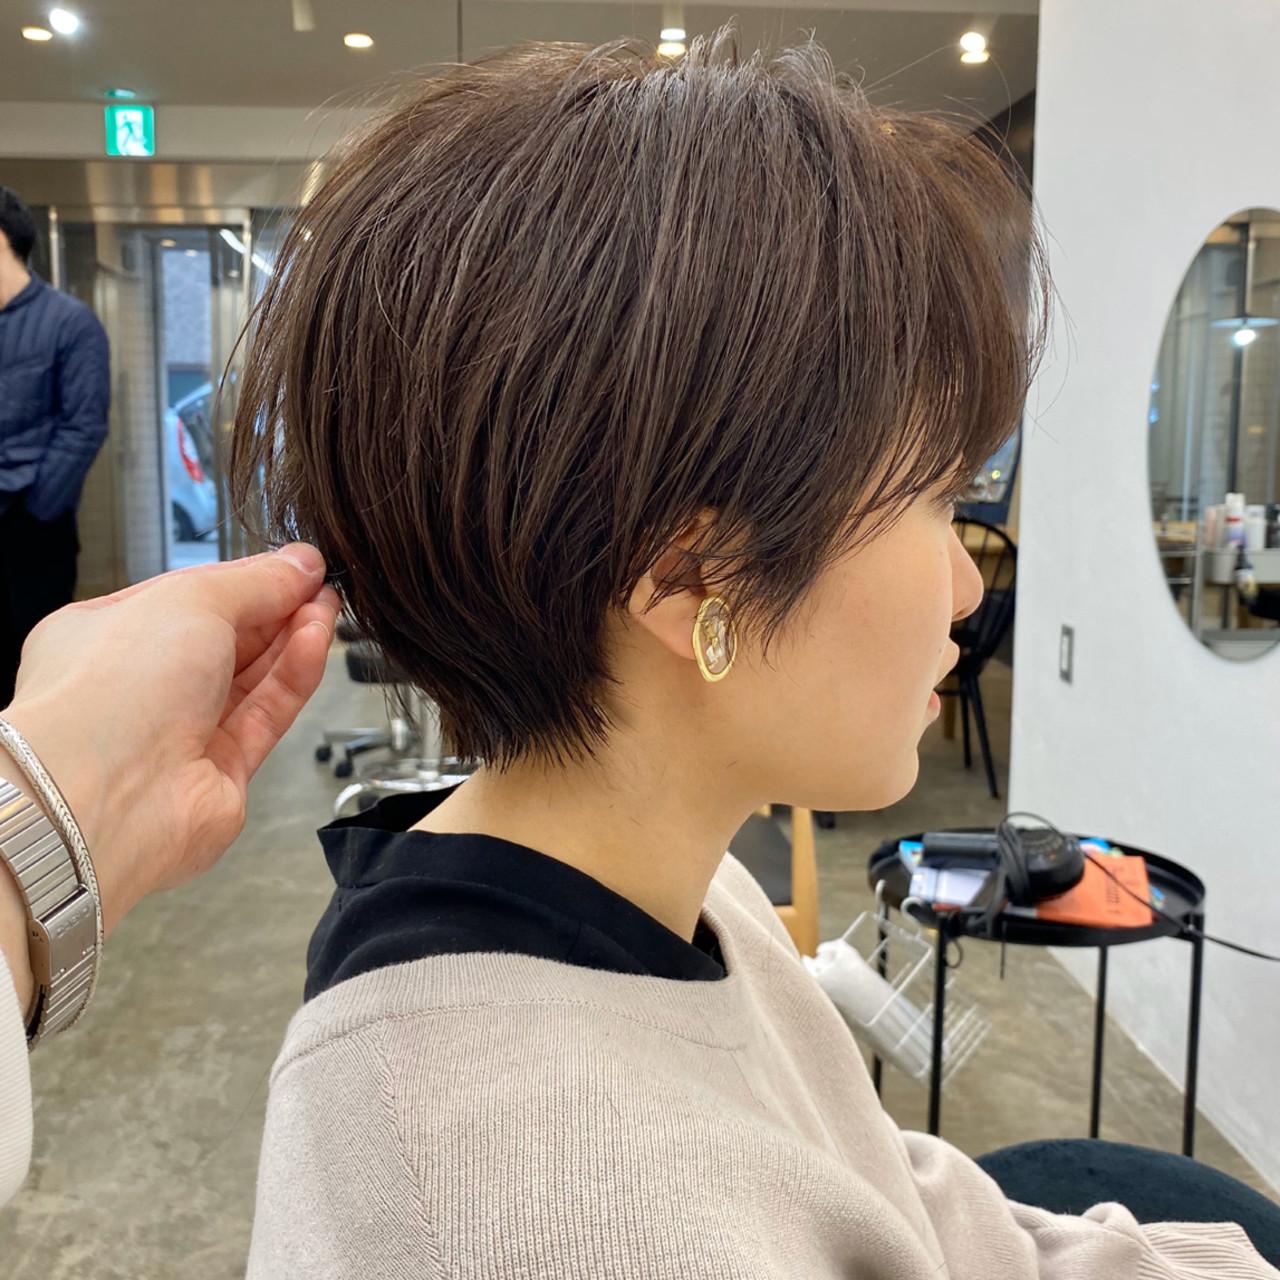 大人ショート アンニュイ ショートヘア ナチュラル ヘアスタイルや髪型の写真・画像 | 【ショート&ショートボブはお任せください】淺川聖 / parc sapporo